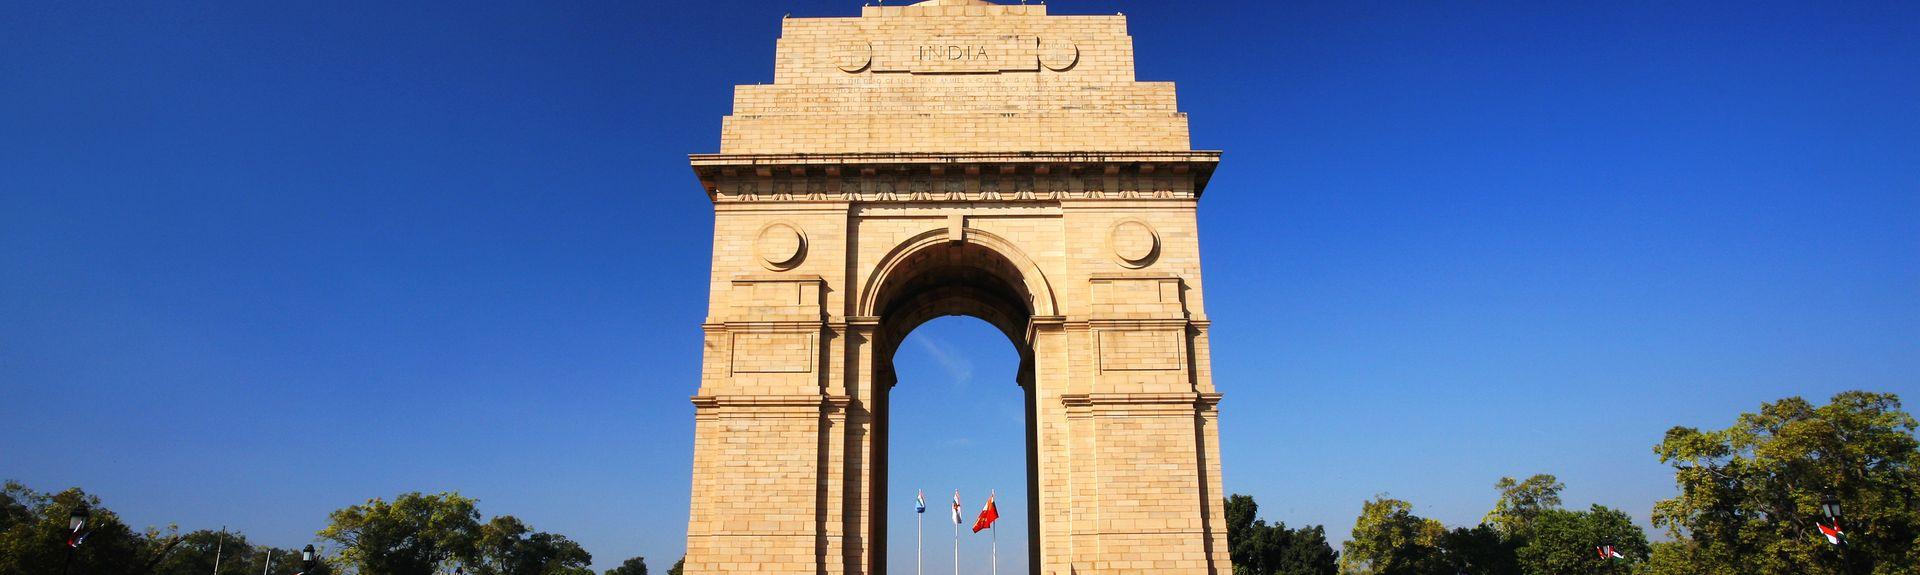 Νέο Δελχί, Δελχί, Ινδία